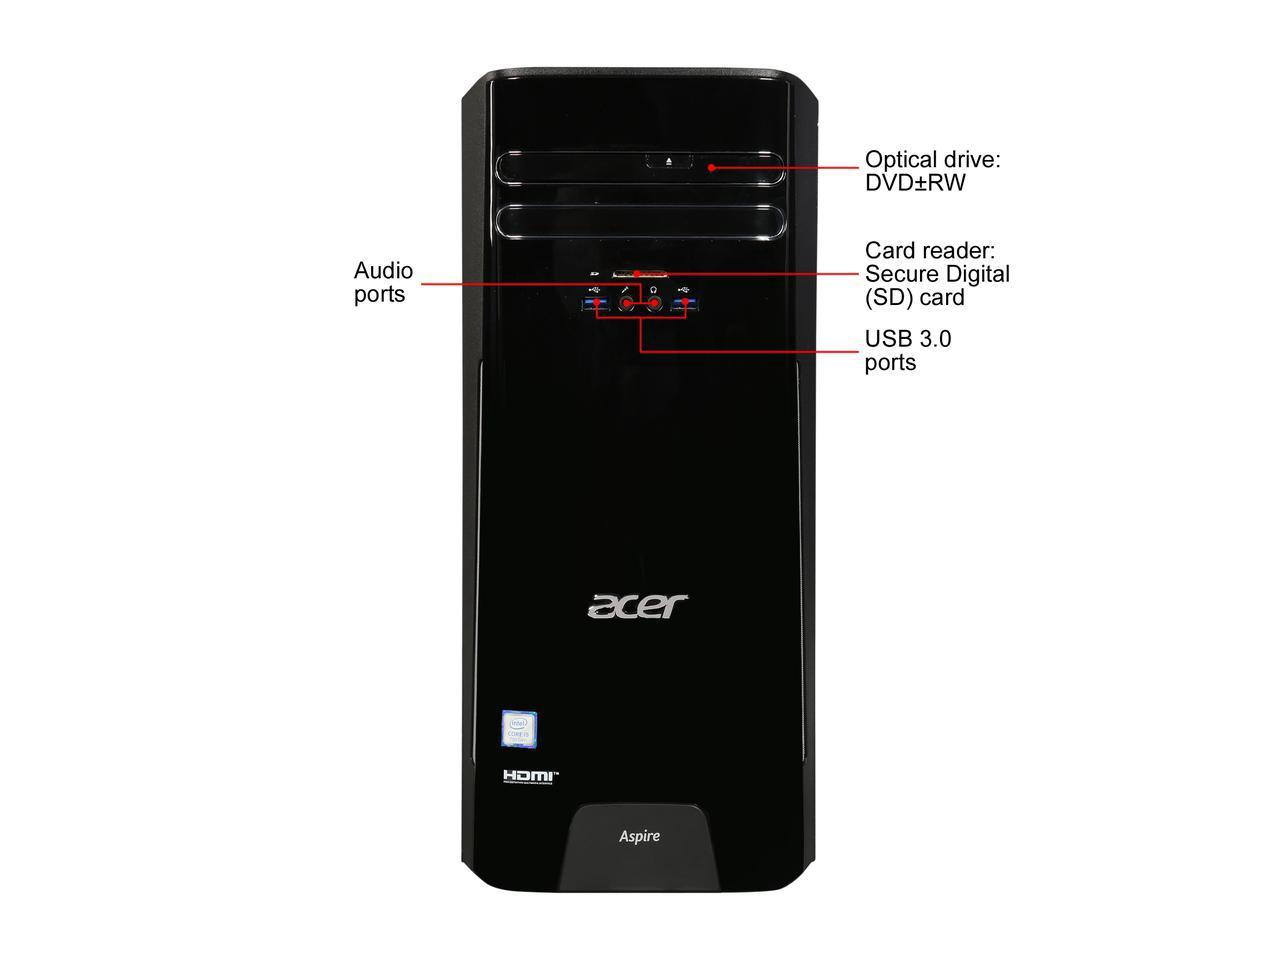 Acer TC-780-NESelecti5 Desktop: i5-7400, 8GB DDR4, 256GB SSD, WiFi + BT, DVD-RW, 300W PSU, Win10H @ $480 with F/S